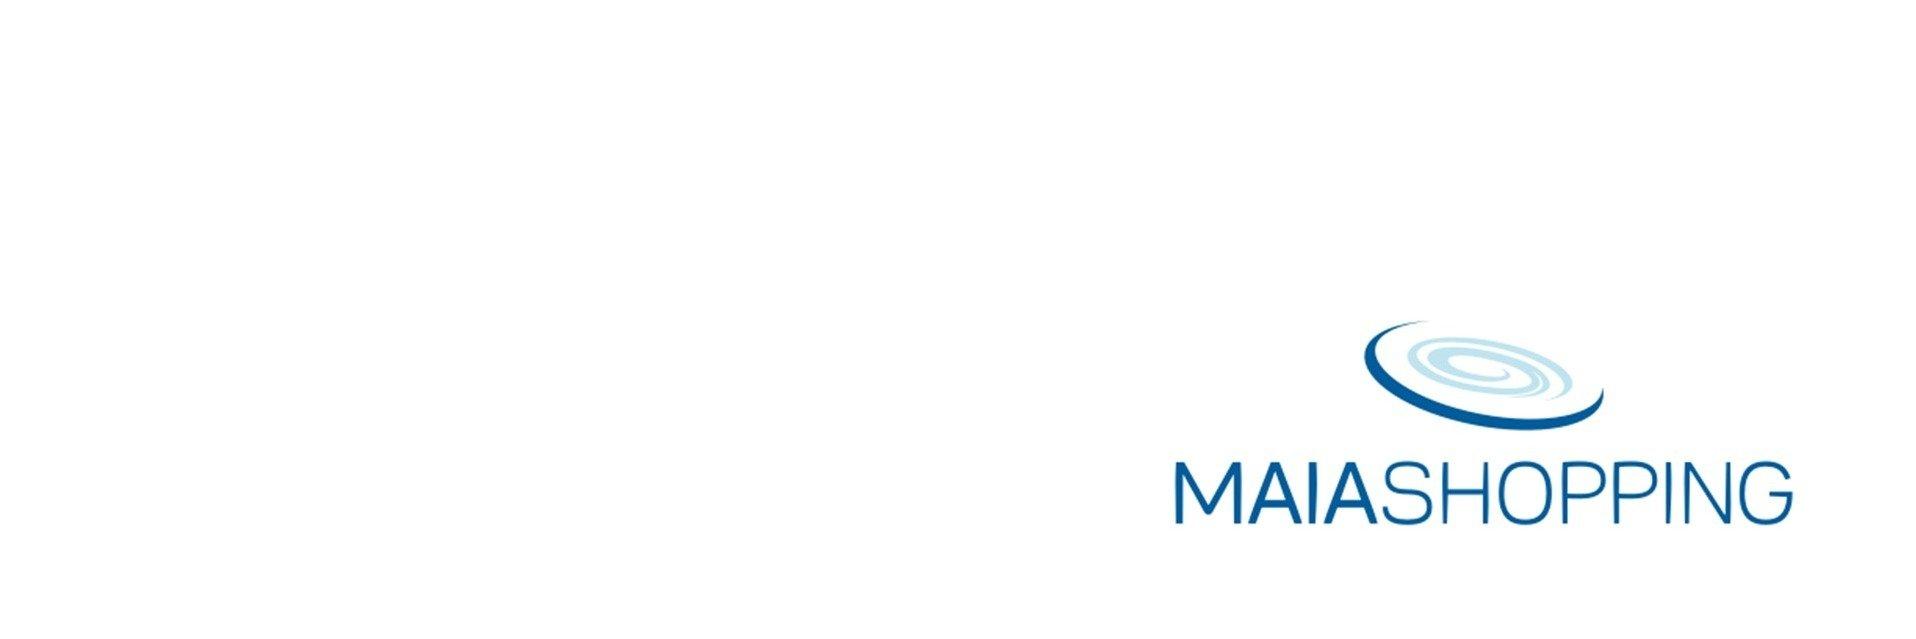 MaiaShopping recebe exposição 'MEMÓRIAS DA MAIA – Guilhermina Suggia'